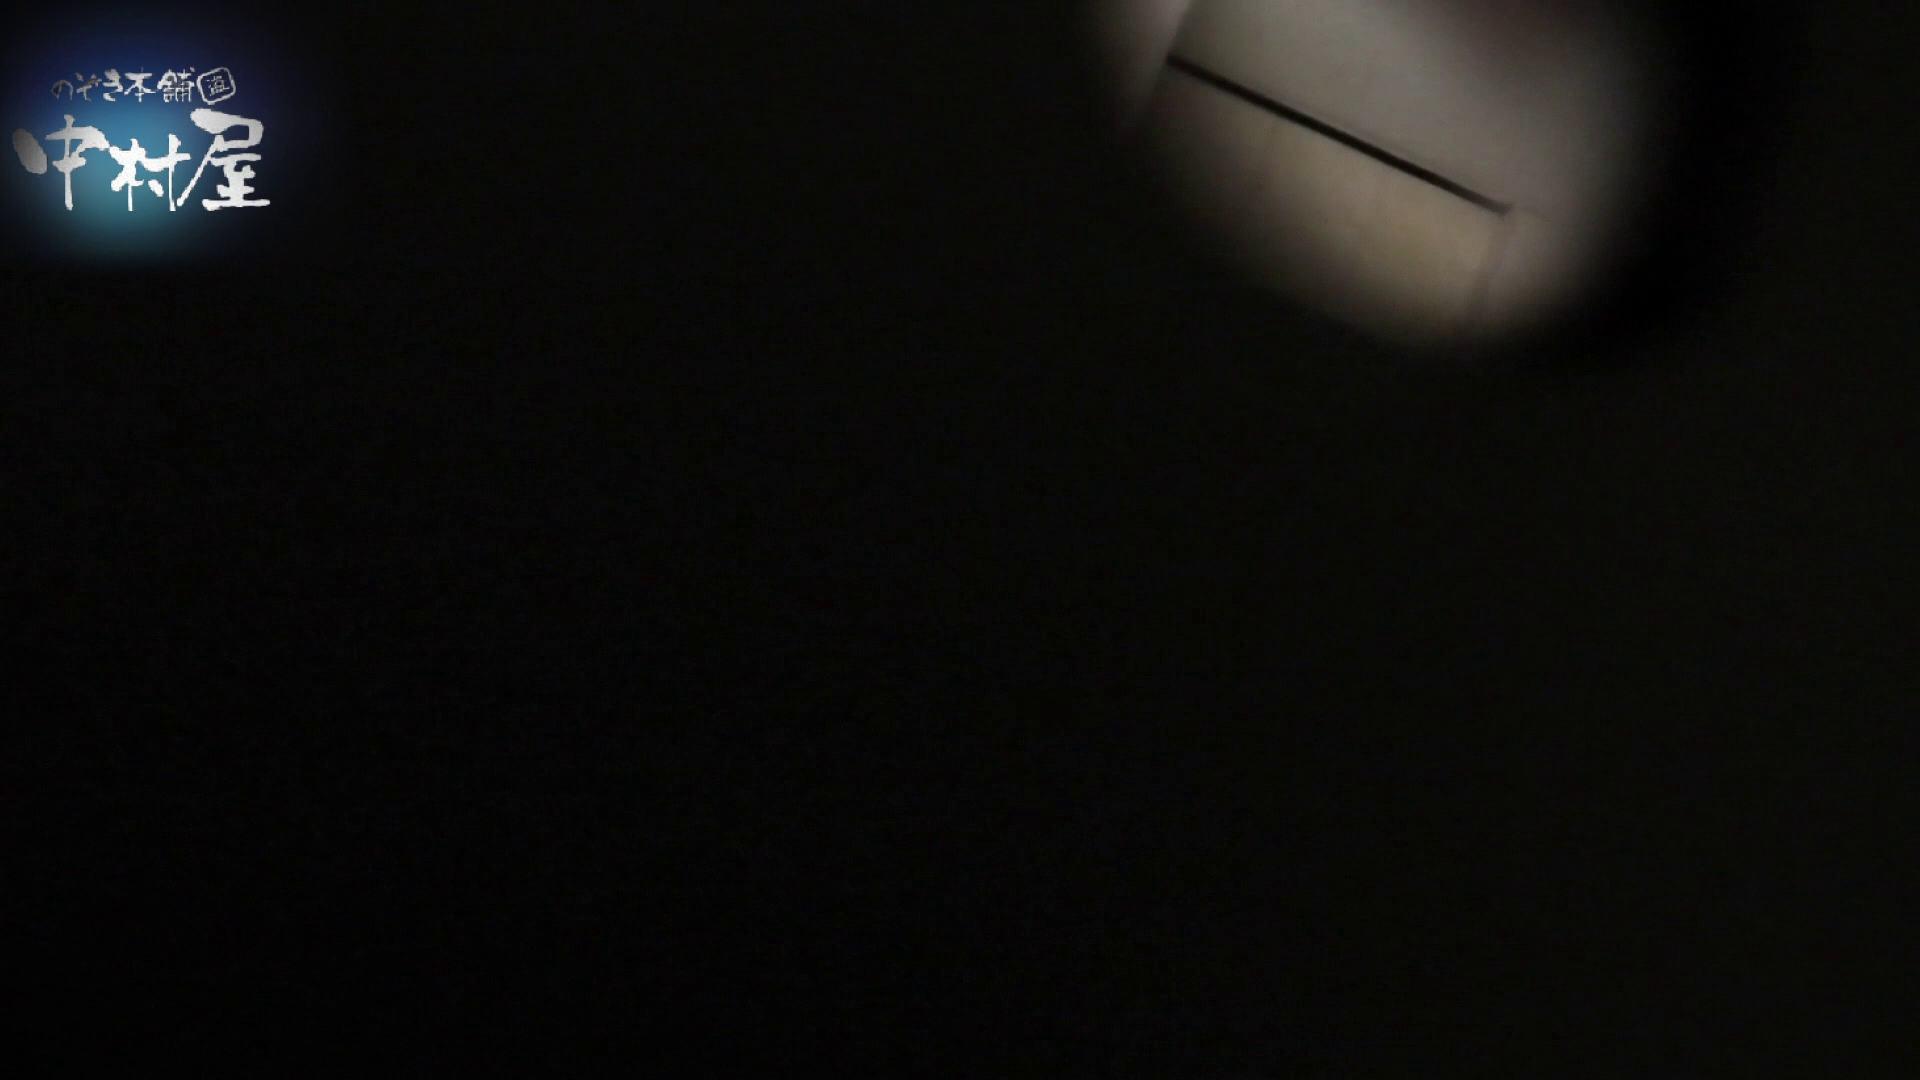 乙女集まる!ショッピングモール潜入撮vol.06 丸見え AV動画キャプチャ 108連発 88